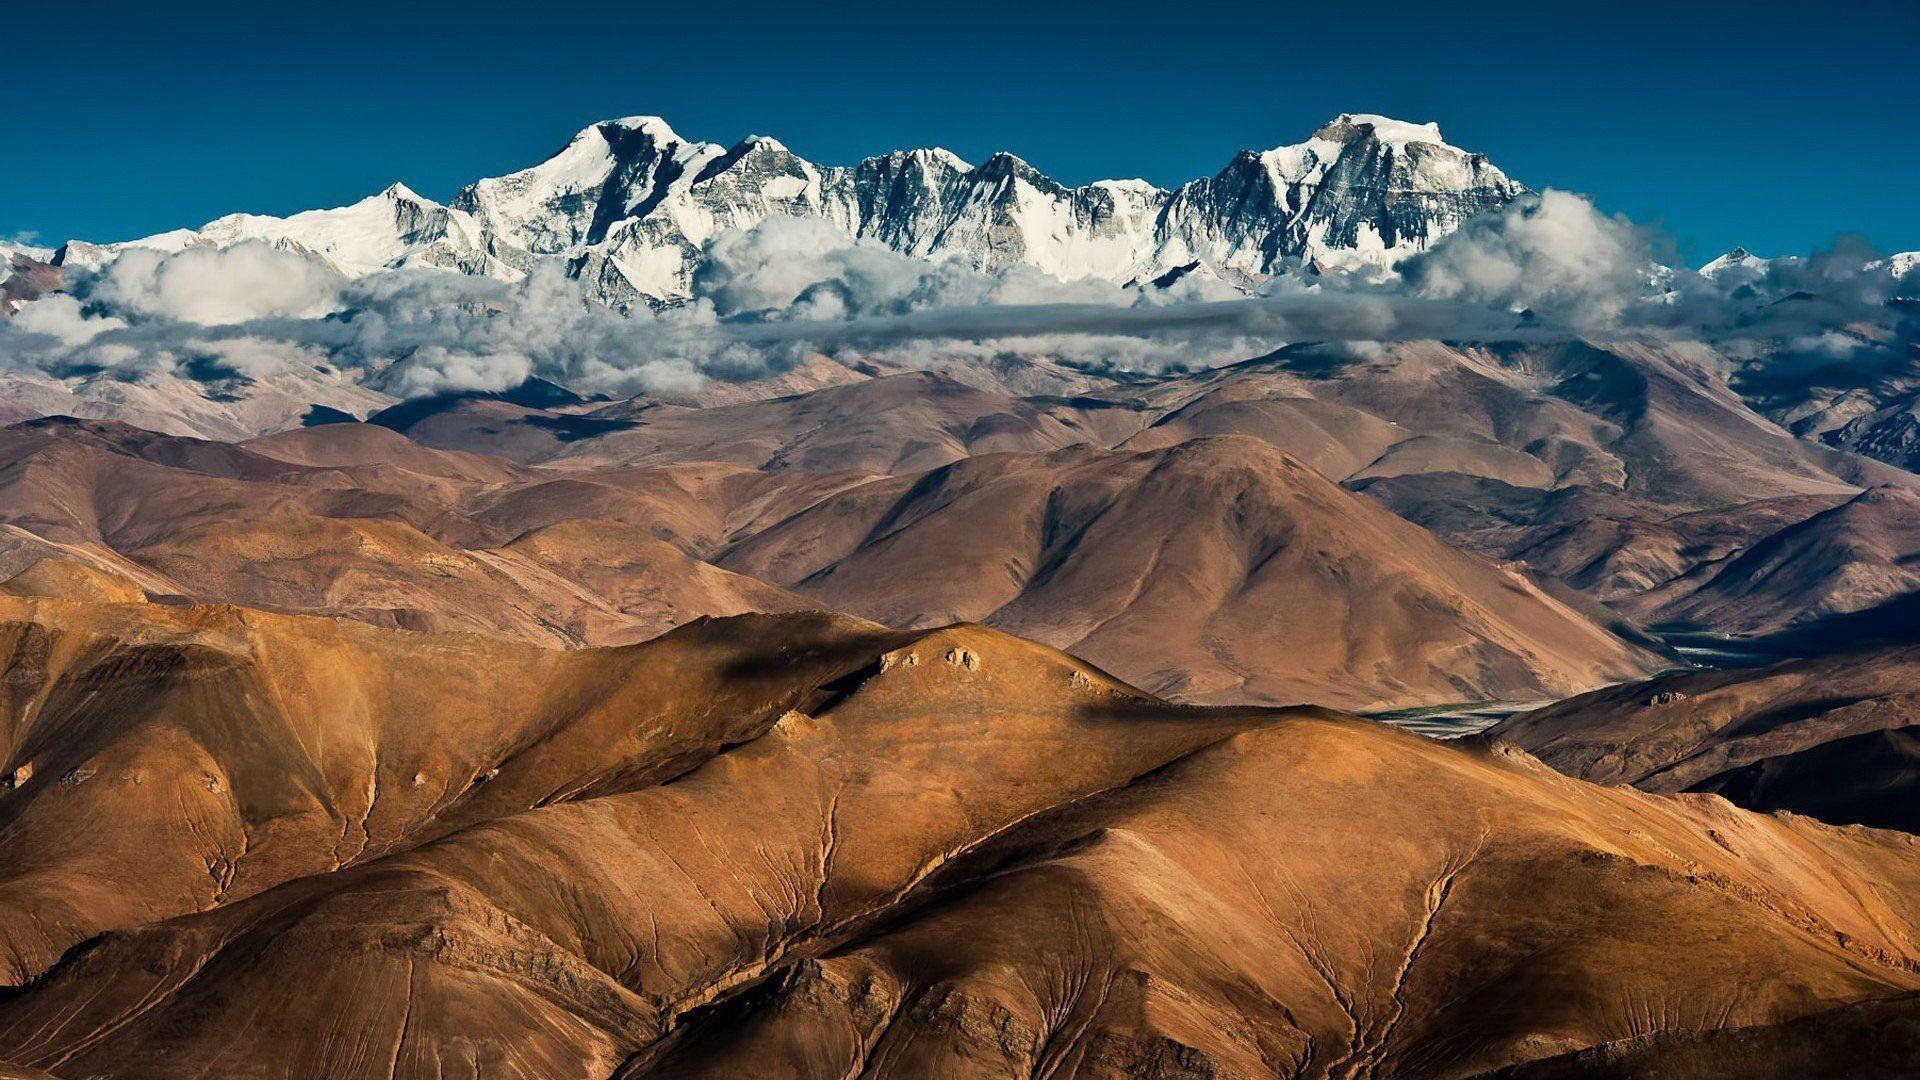 Himalayas Desktop Wallpapers